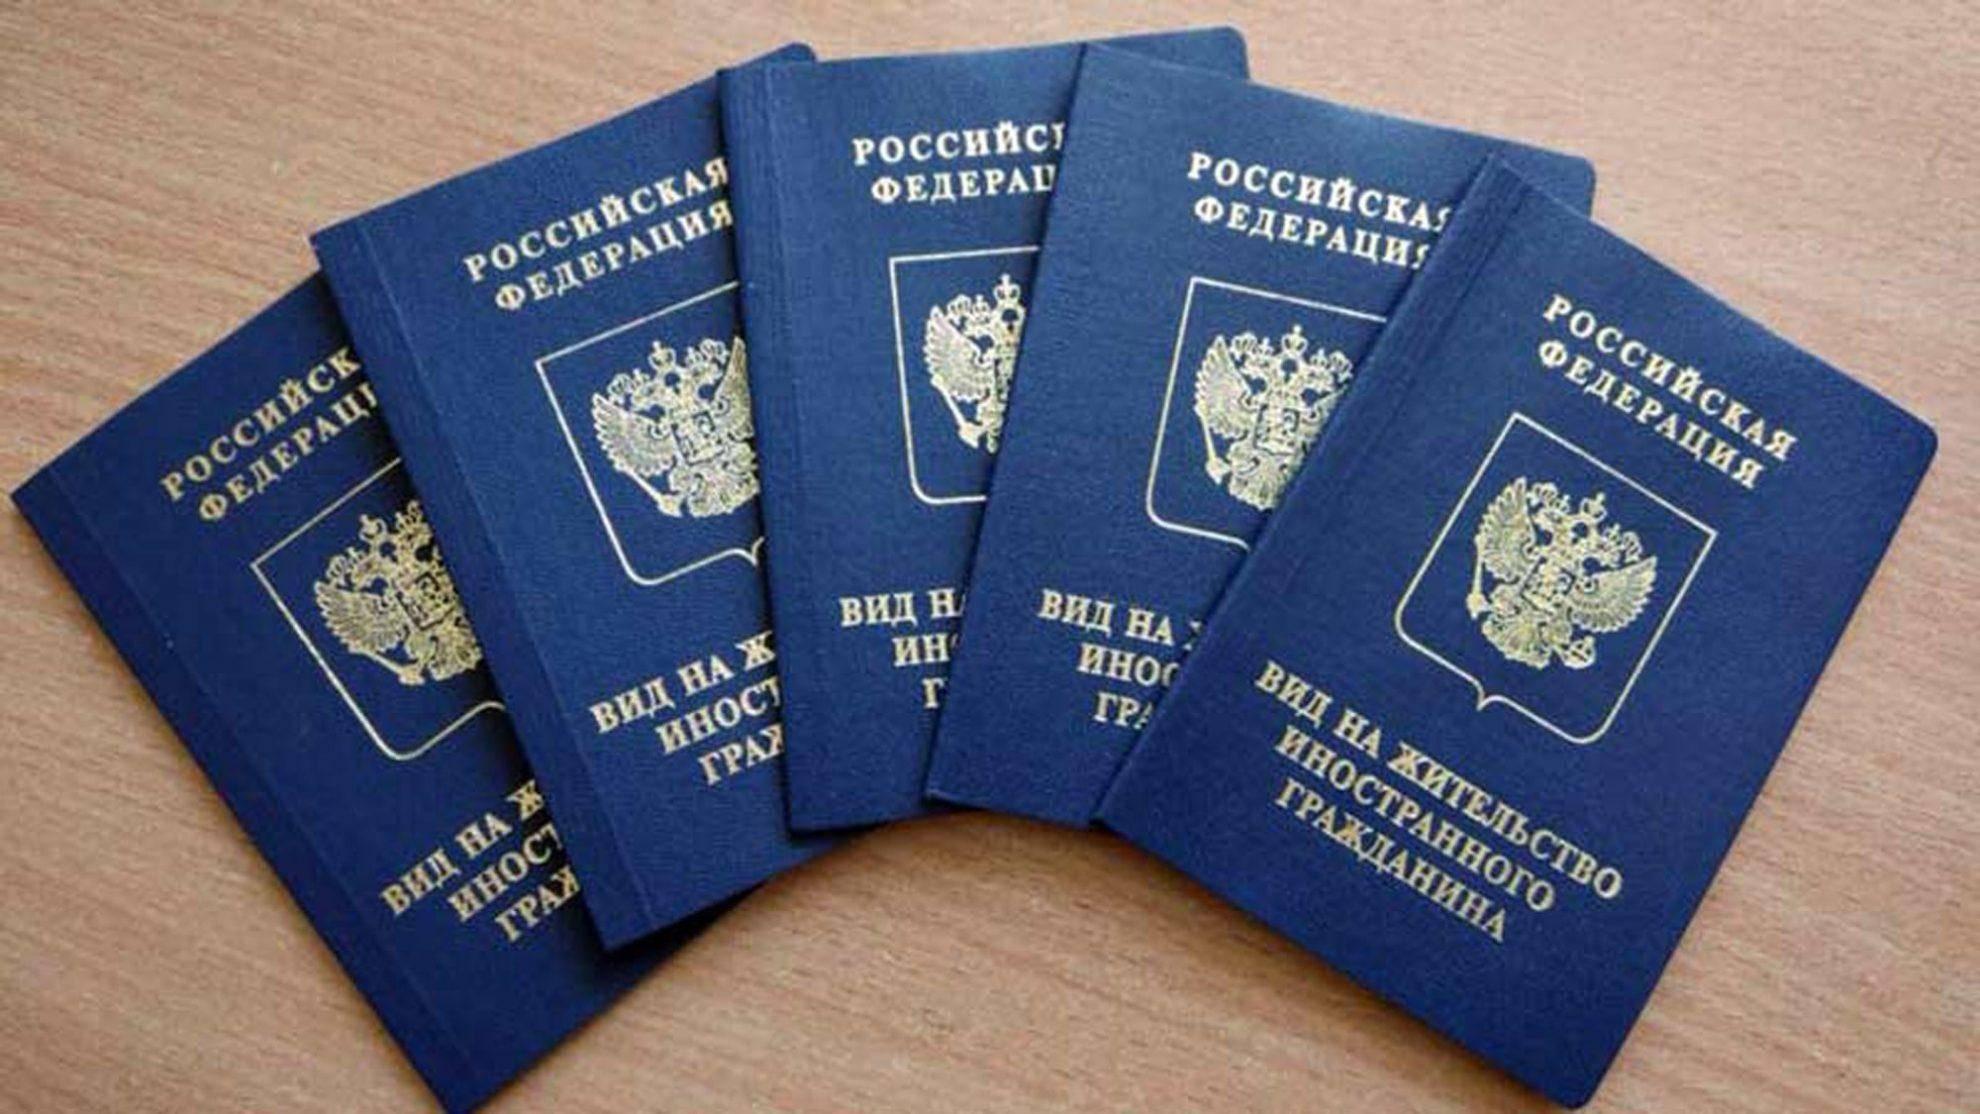 Как переехать на кипр на пмж из россии?